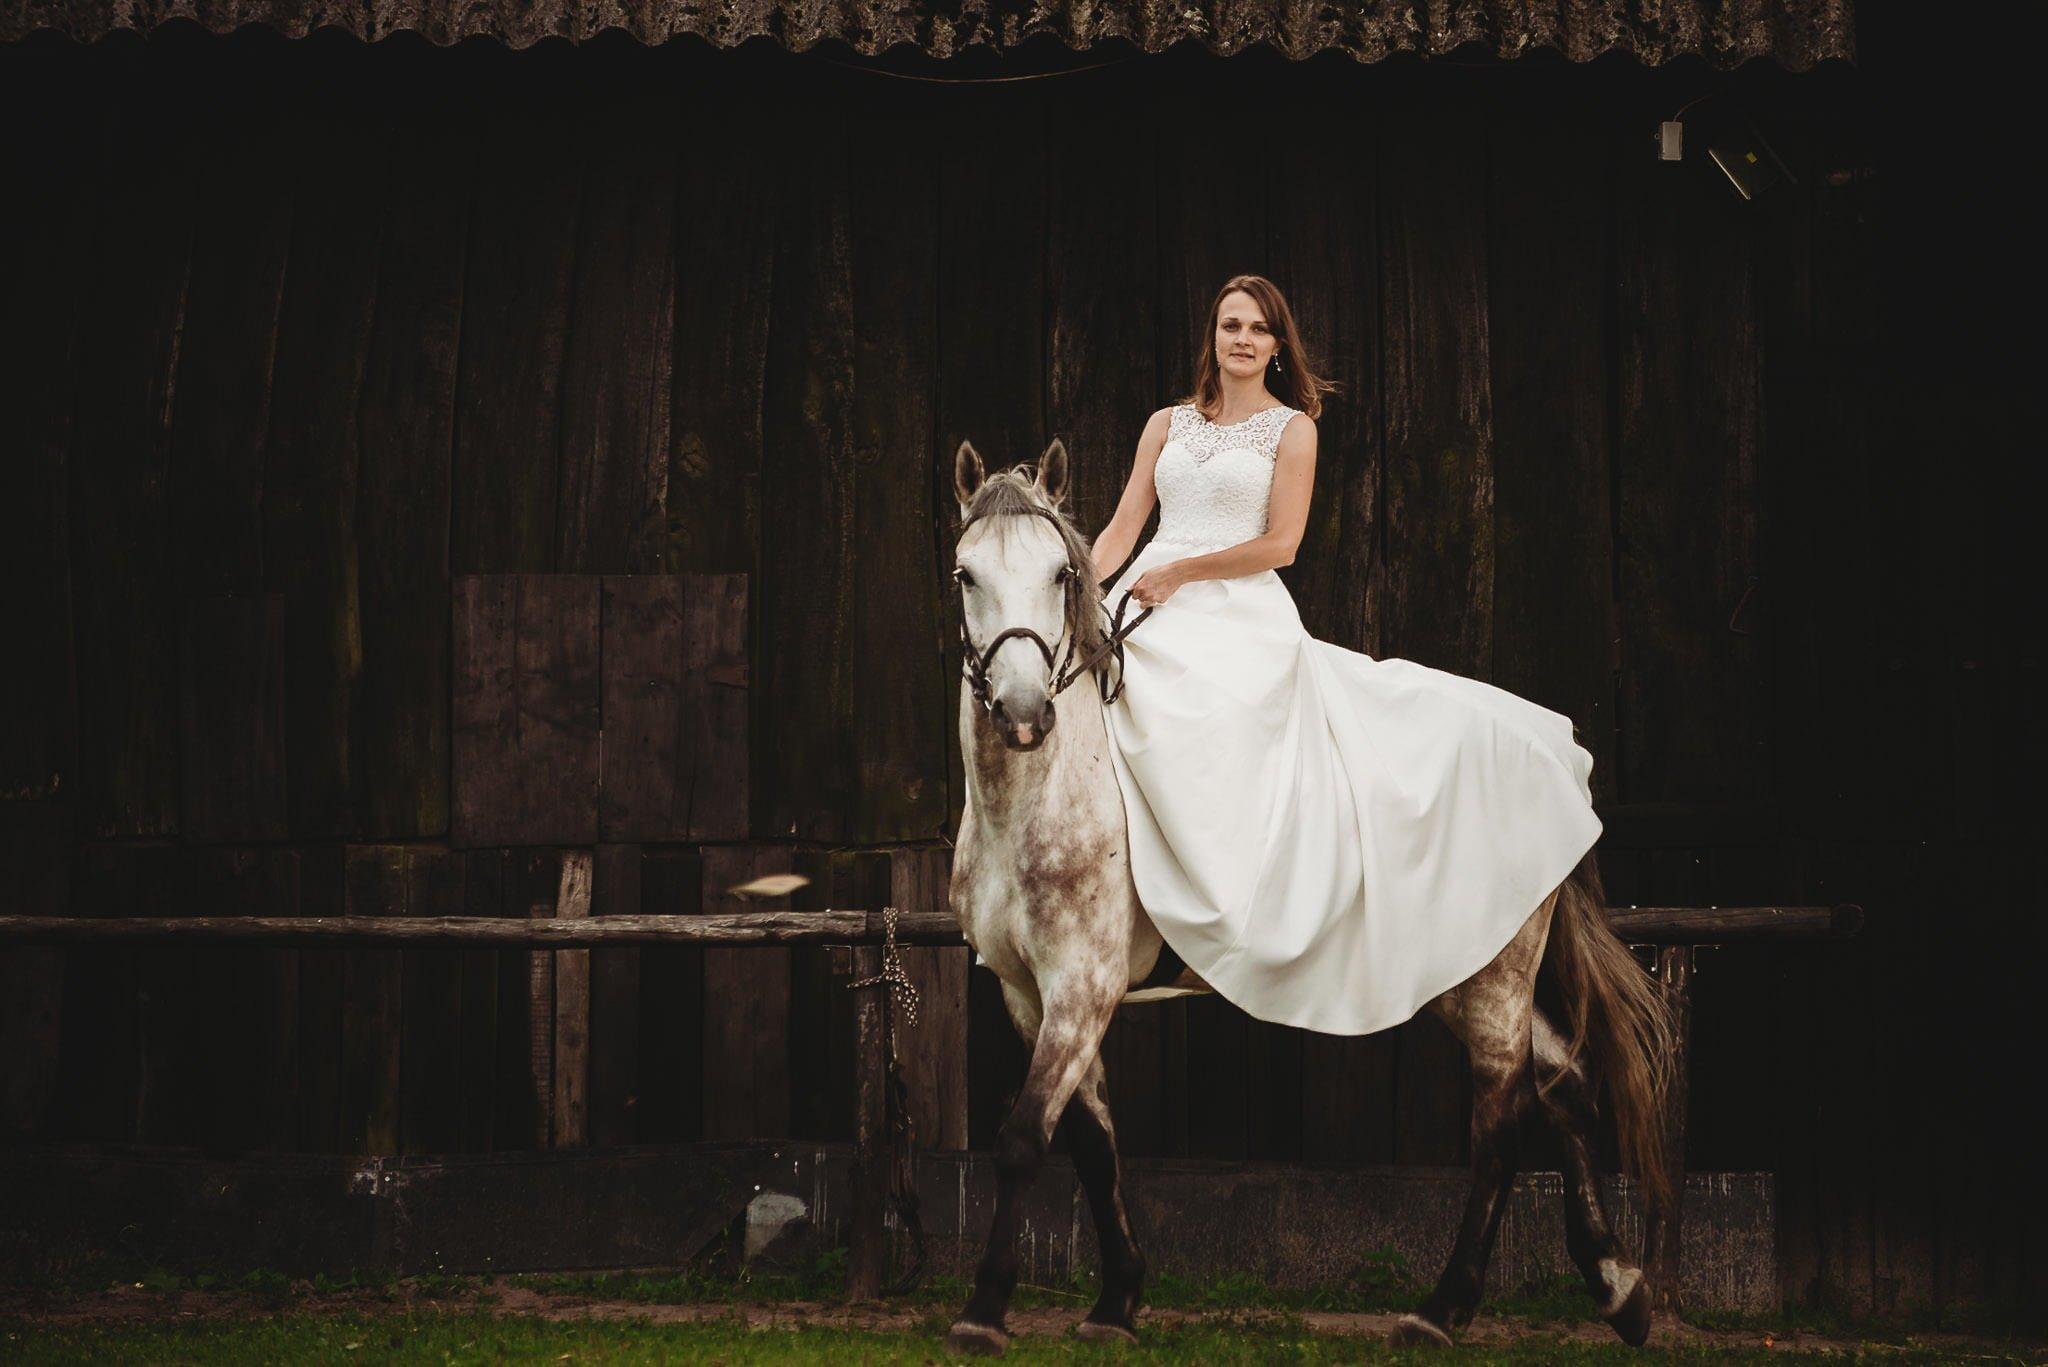 Monika i Michał, wesele w Paryżu i sesja plenerowa w stadninie koni w Czołowie 388